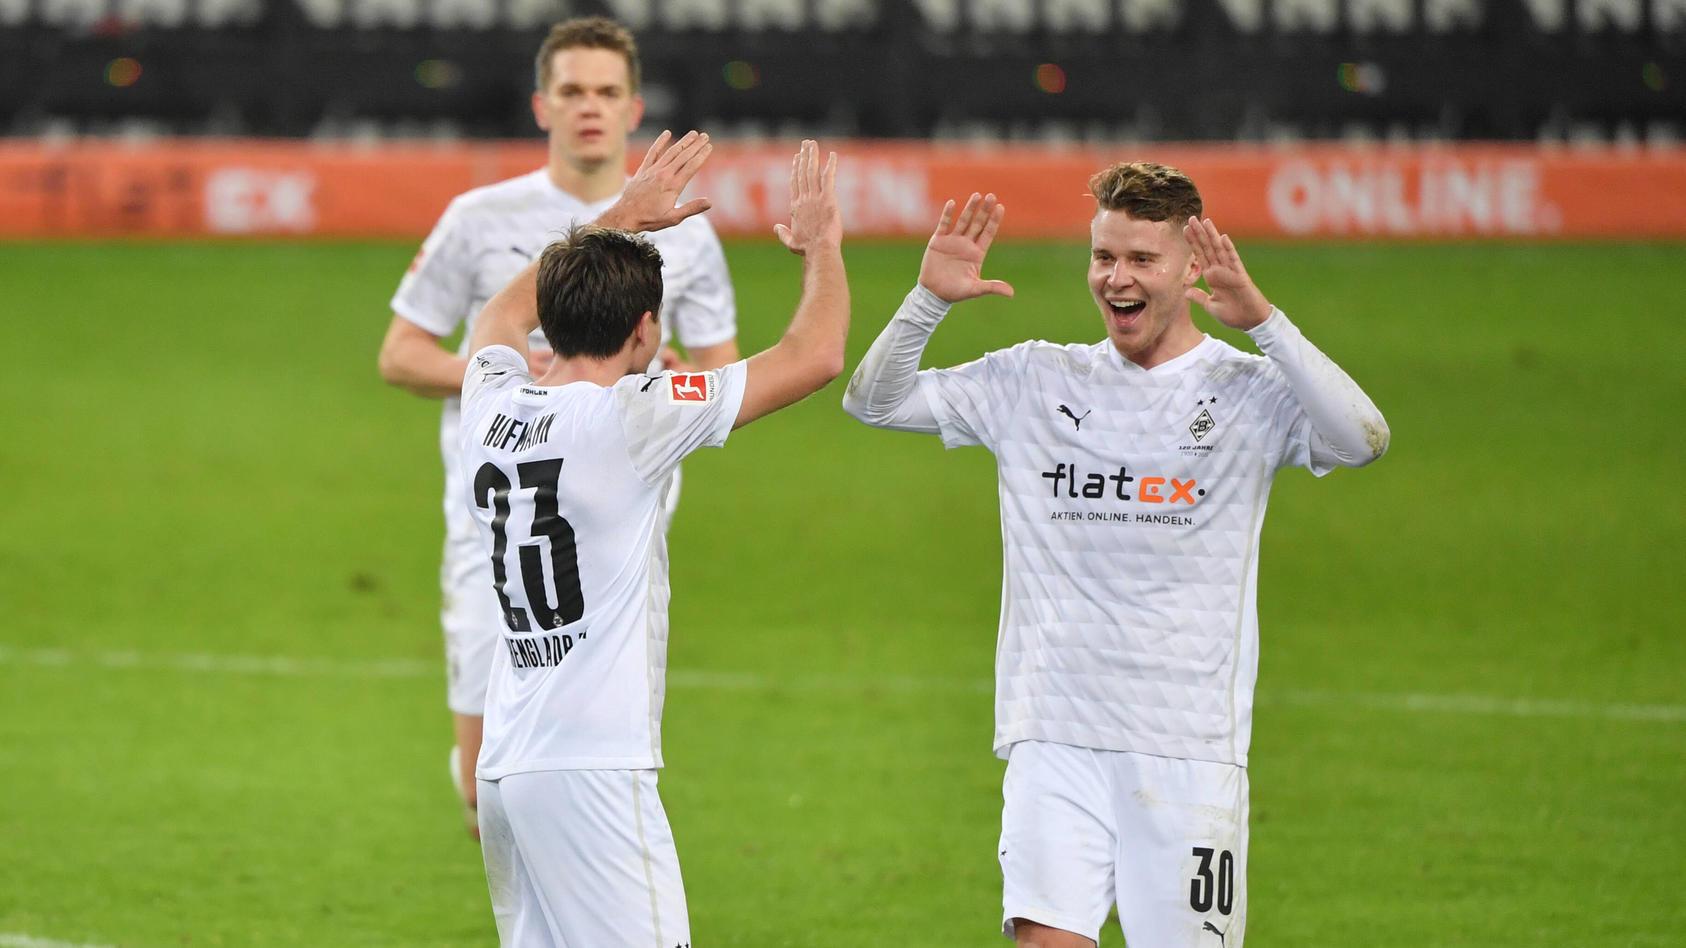 Jubelt Gladbach auch gegen Werder Bremen?